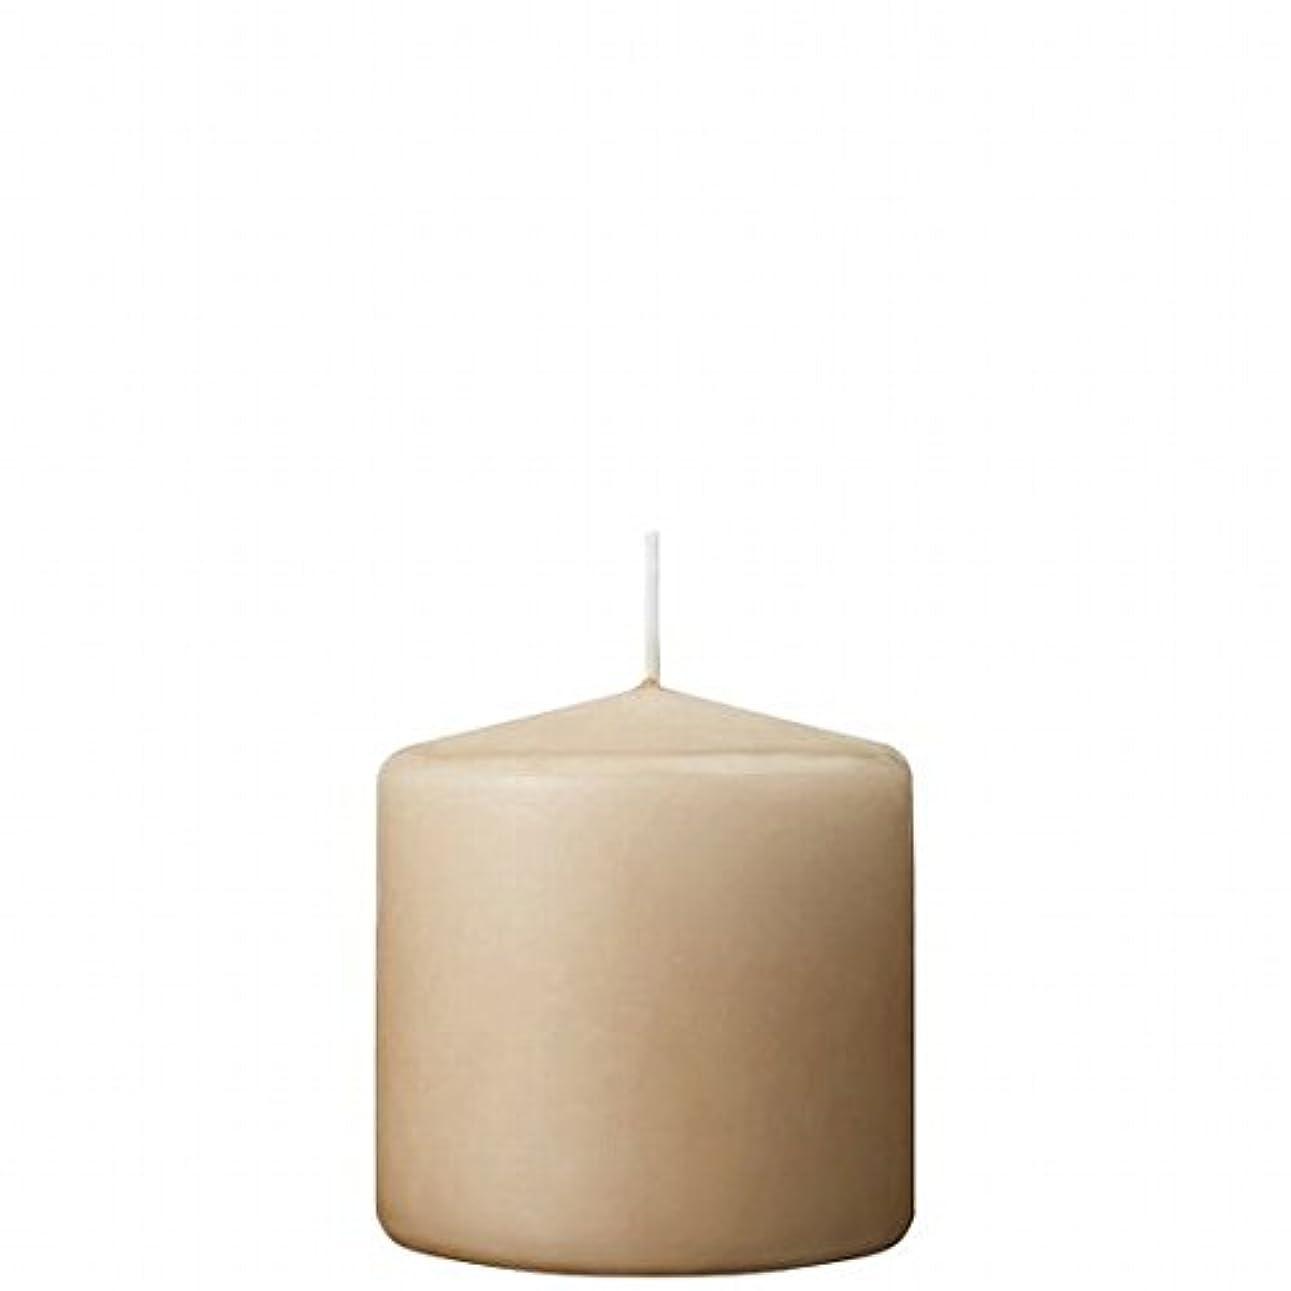 モールス信号とんでもない正確なkameyama candle(カメヤマキャンドル) 3×3ベルトップピラーキャンドル 「 ベージュ 」(A9730000BG)